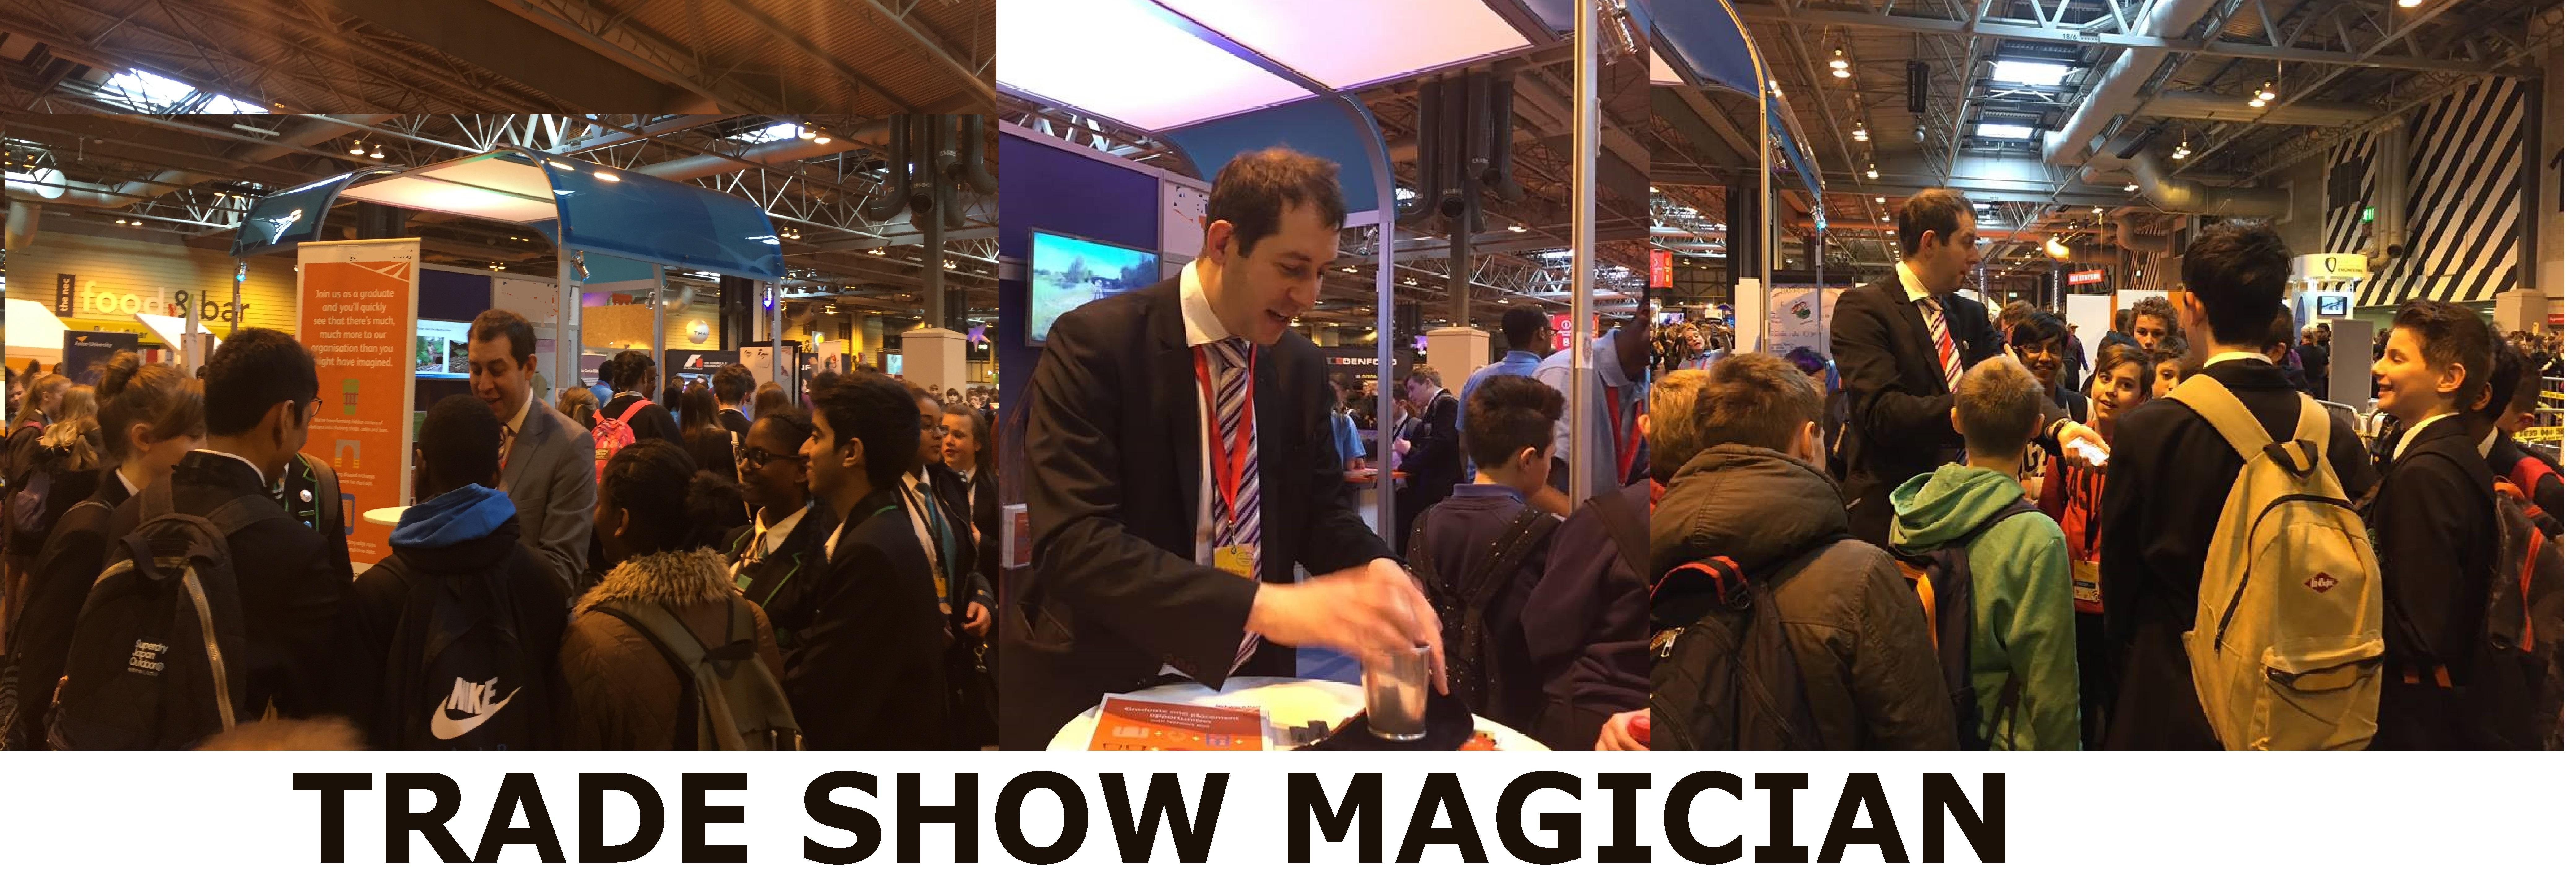 Trade Show Magician Birmingham